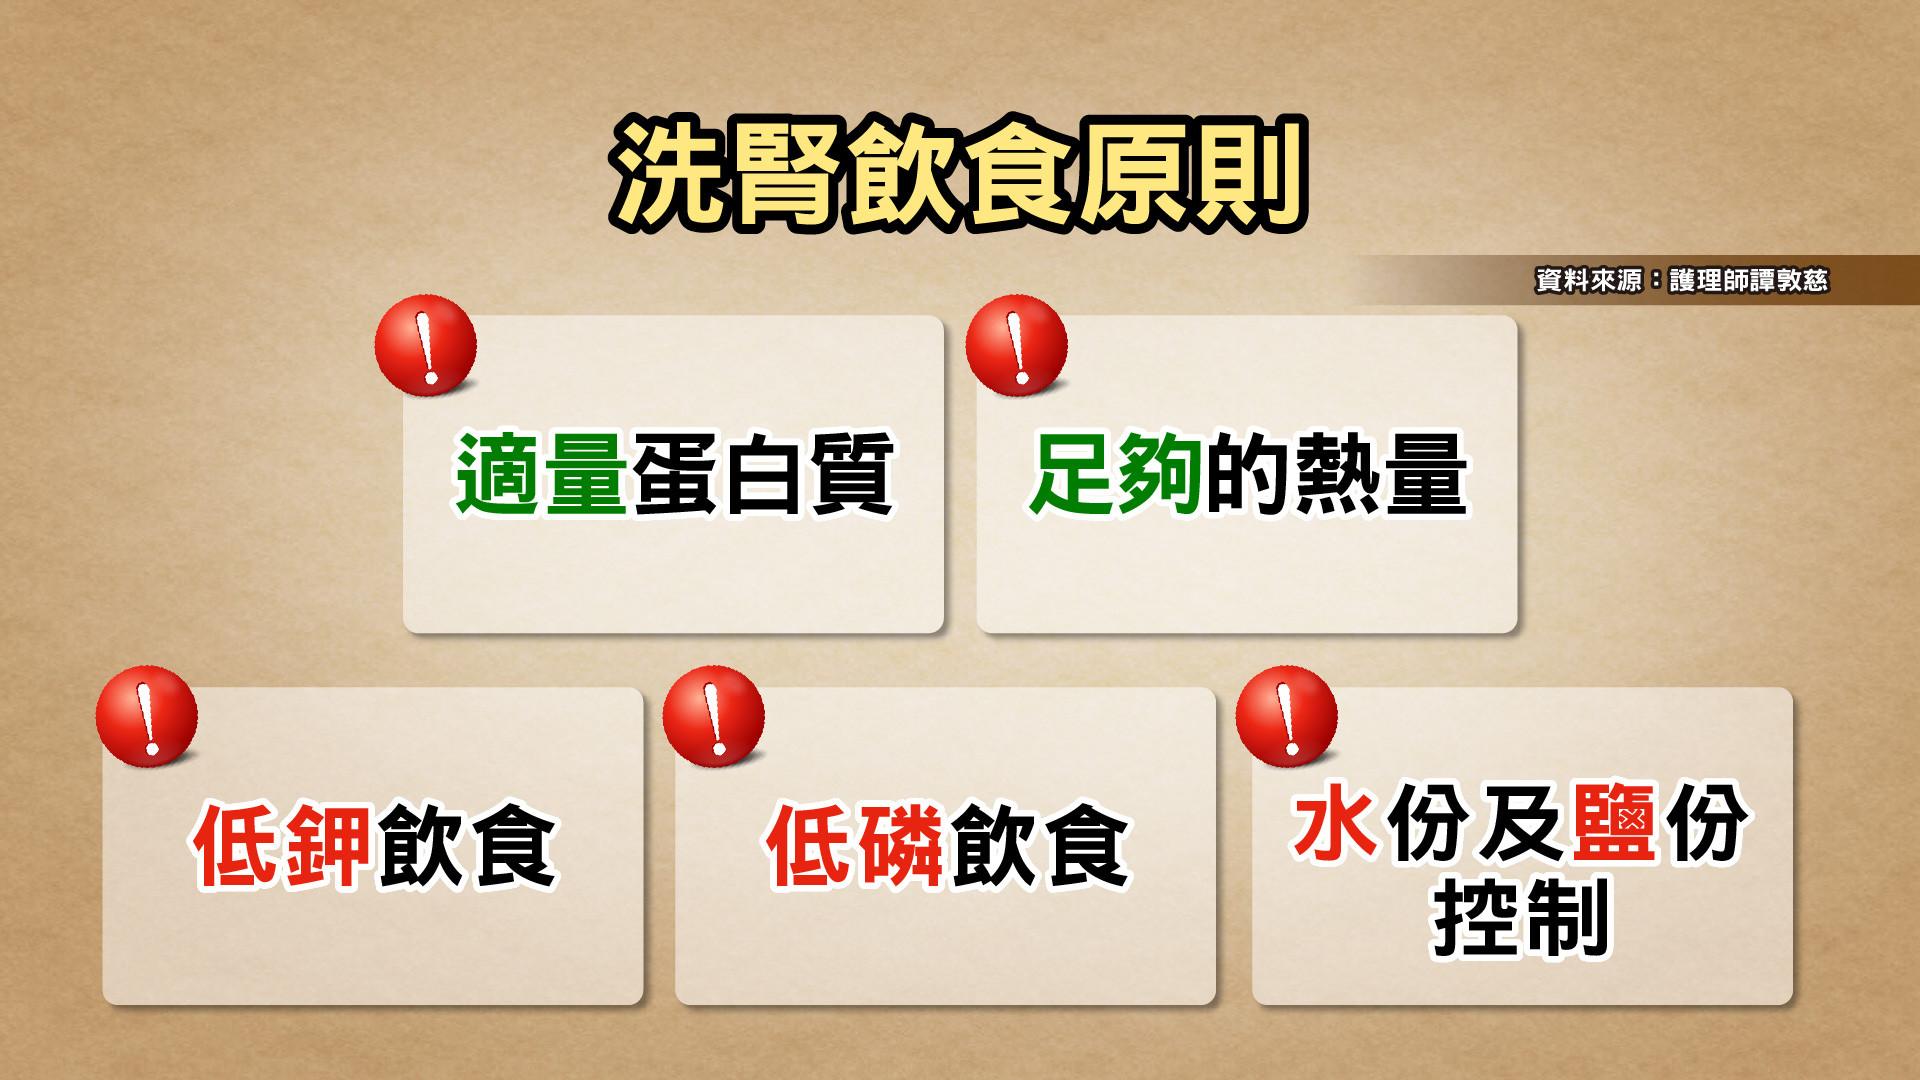 洗腎率世界第1!台灣人「敗腎5習慣」曝 愛吃甜點、加工肉慘中了。(圖/TVBS提供)